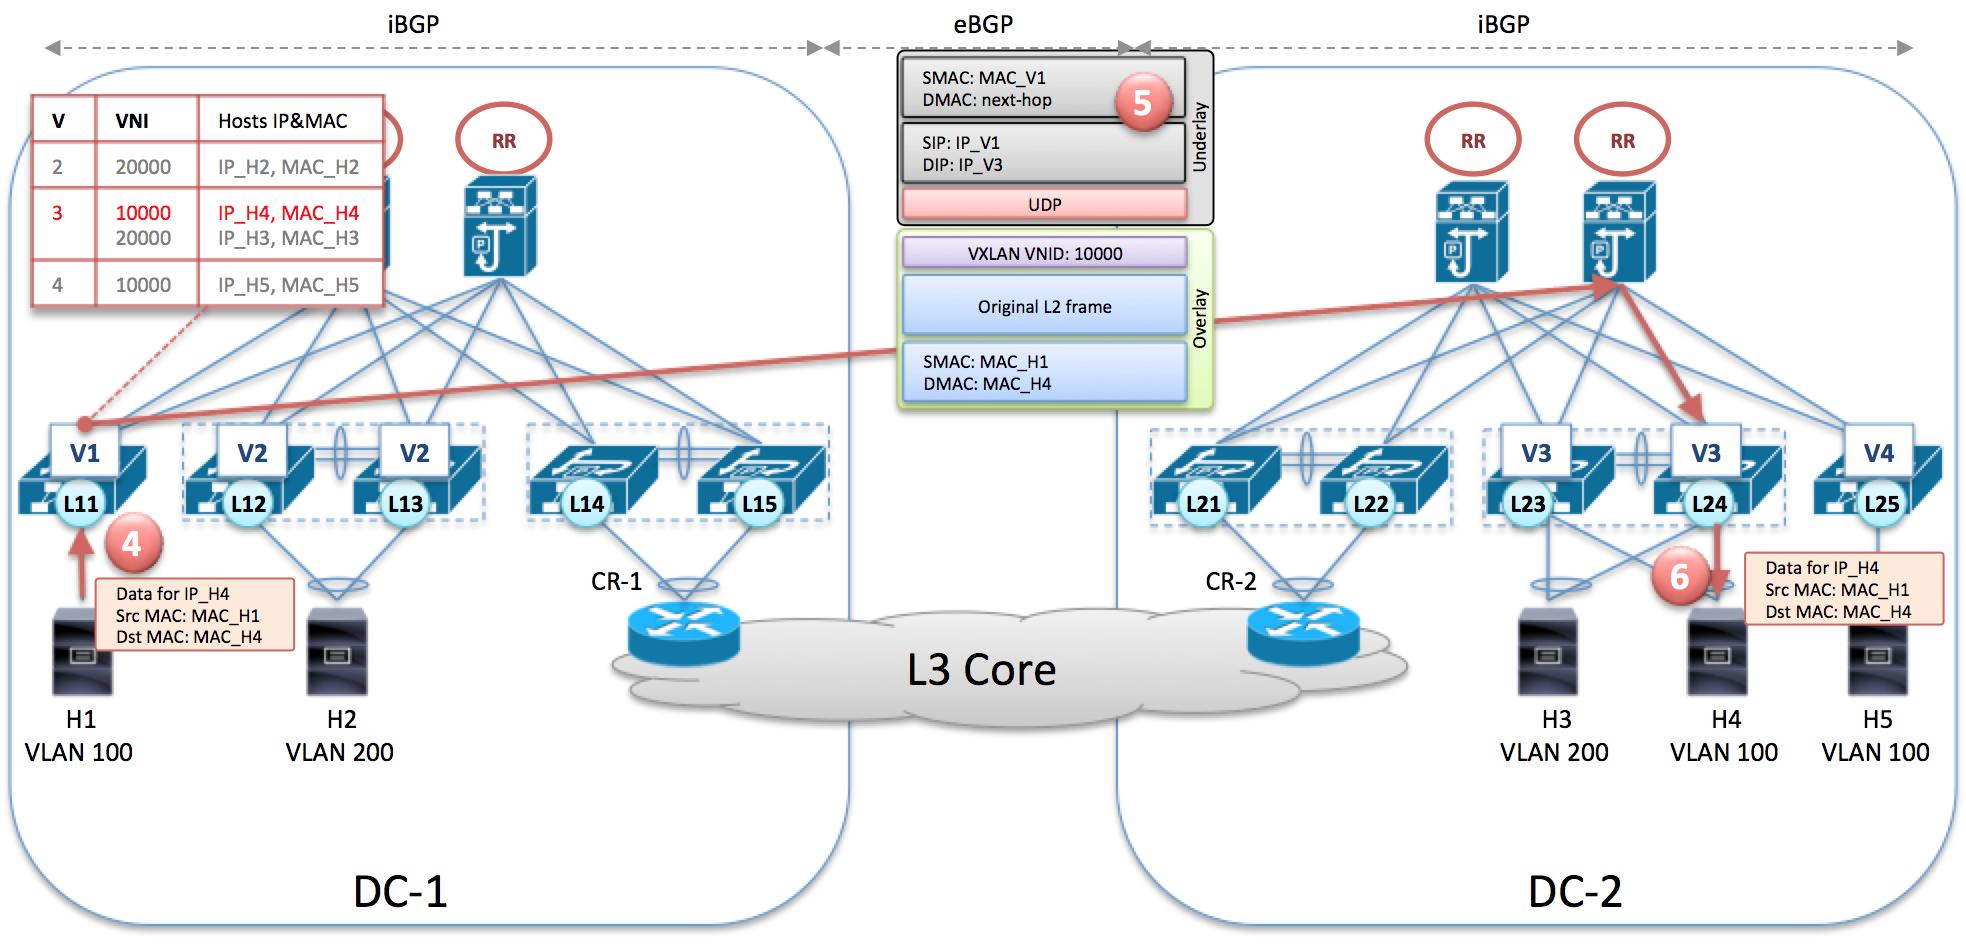 BGP EVPN AF and Unicast traffic